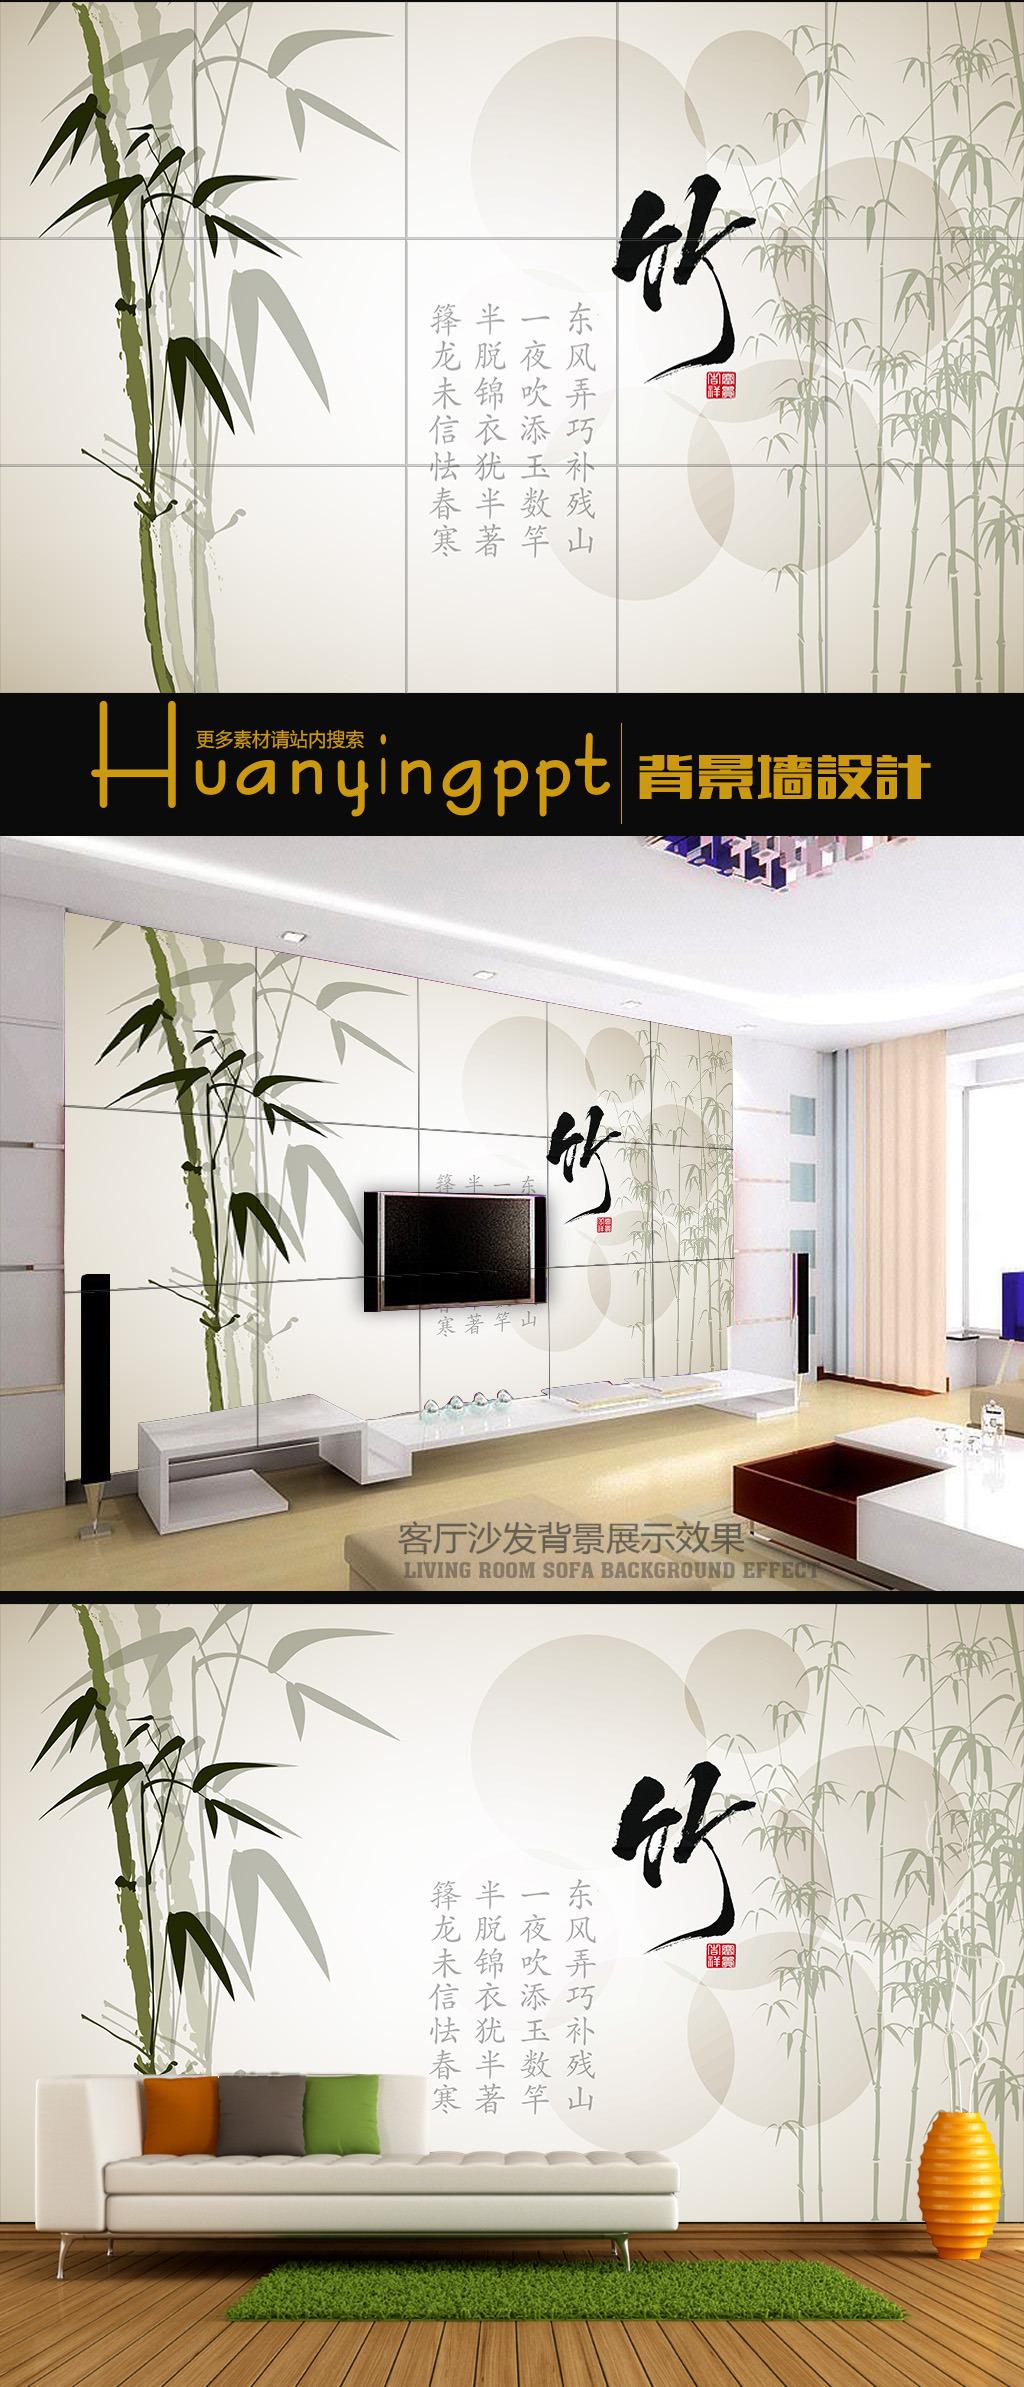 竹韵中式风格背景墙装饰画图片